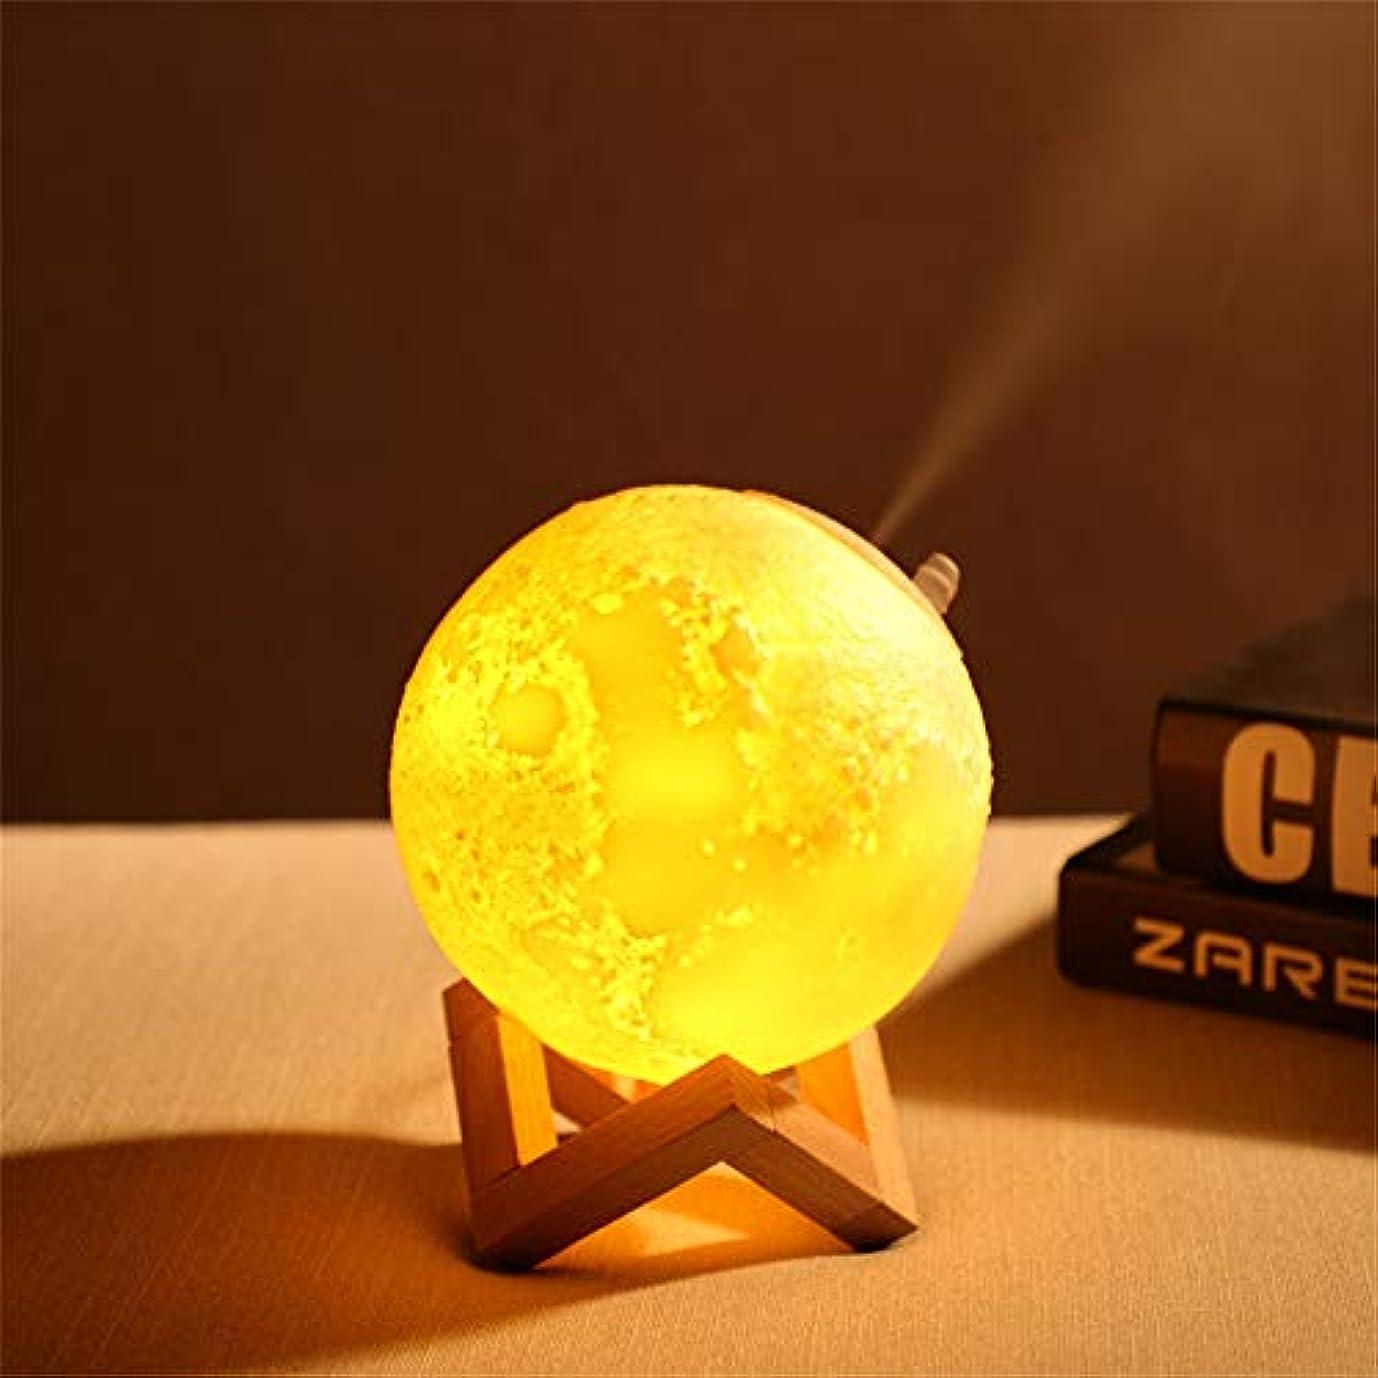 移住する慢な相互接続Essential Oil Diffuser 3D Moon Lamp Ultrasonic Cool Mist Aroma Diffuser Multifunctional Waterless Auto Shut-Off...